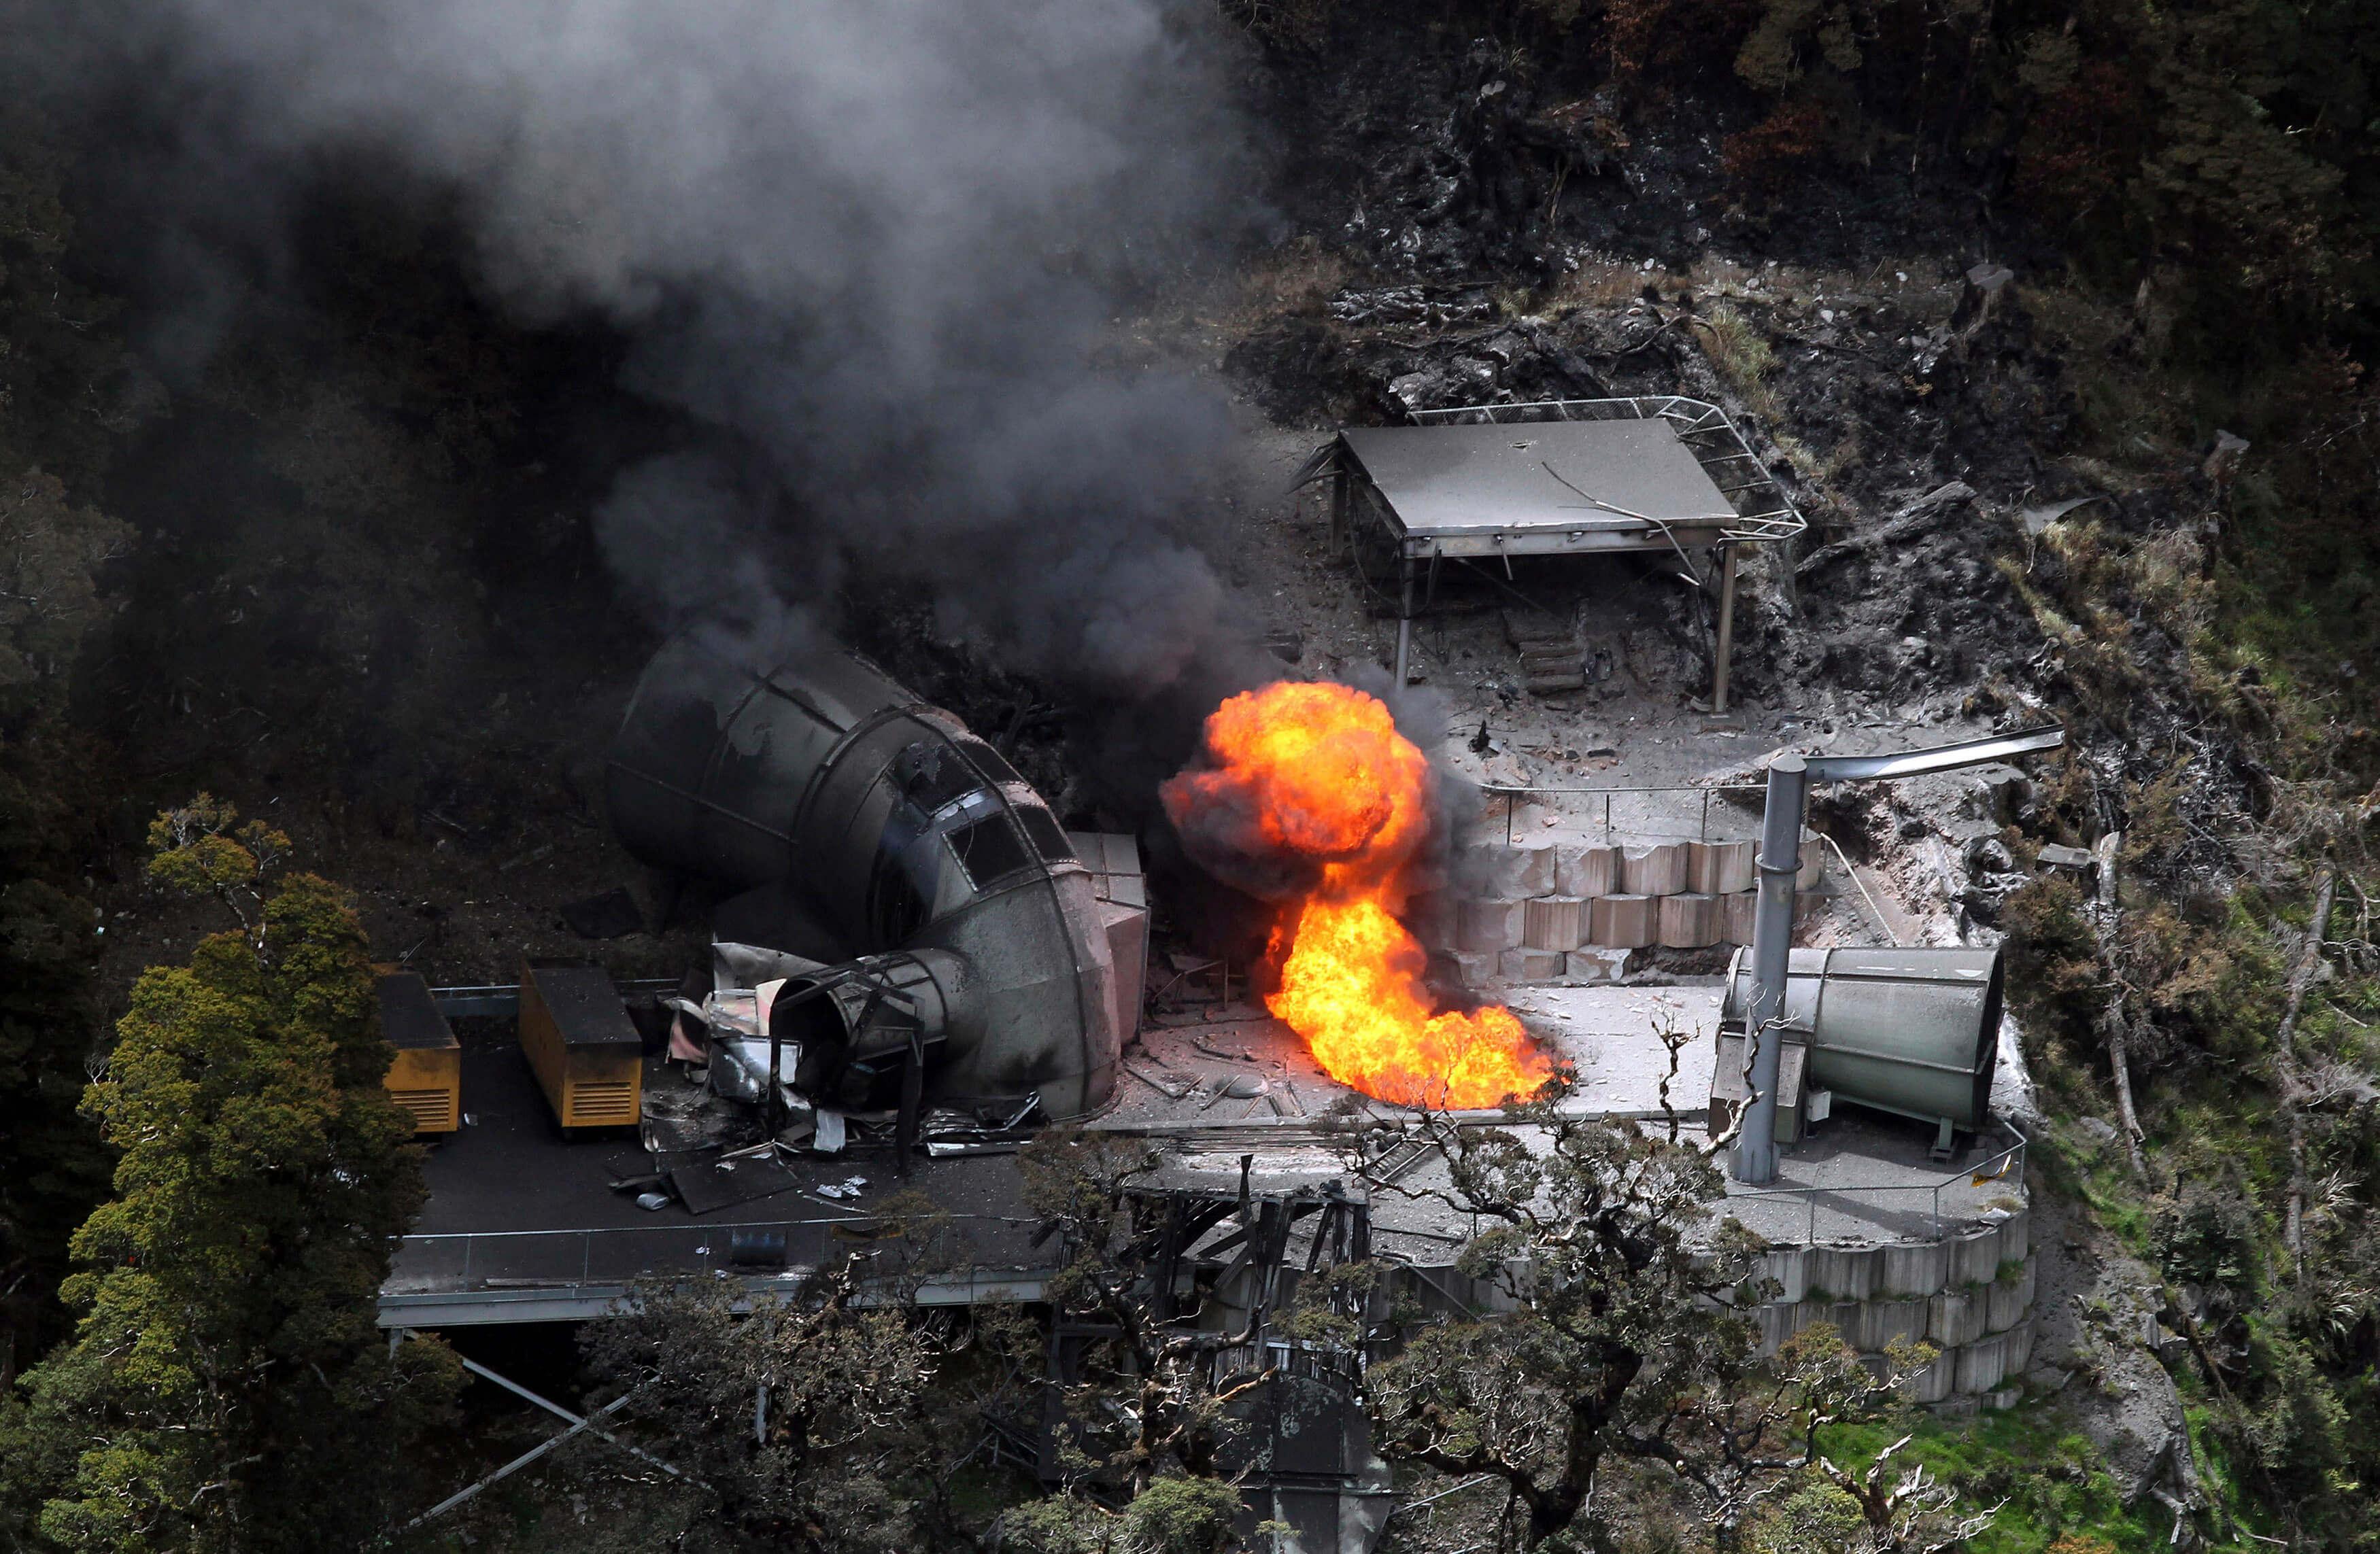 انفجار در معدن زغال سنگ پاکستان 9 کشته بر جای گذاشت/ 2 معدنچی دیگر محبوس شدند